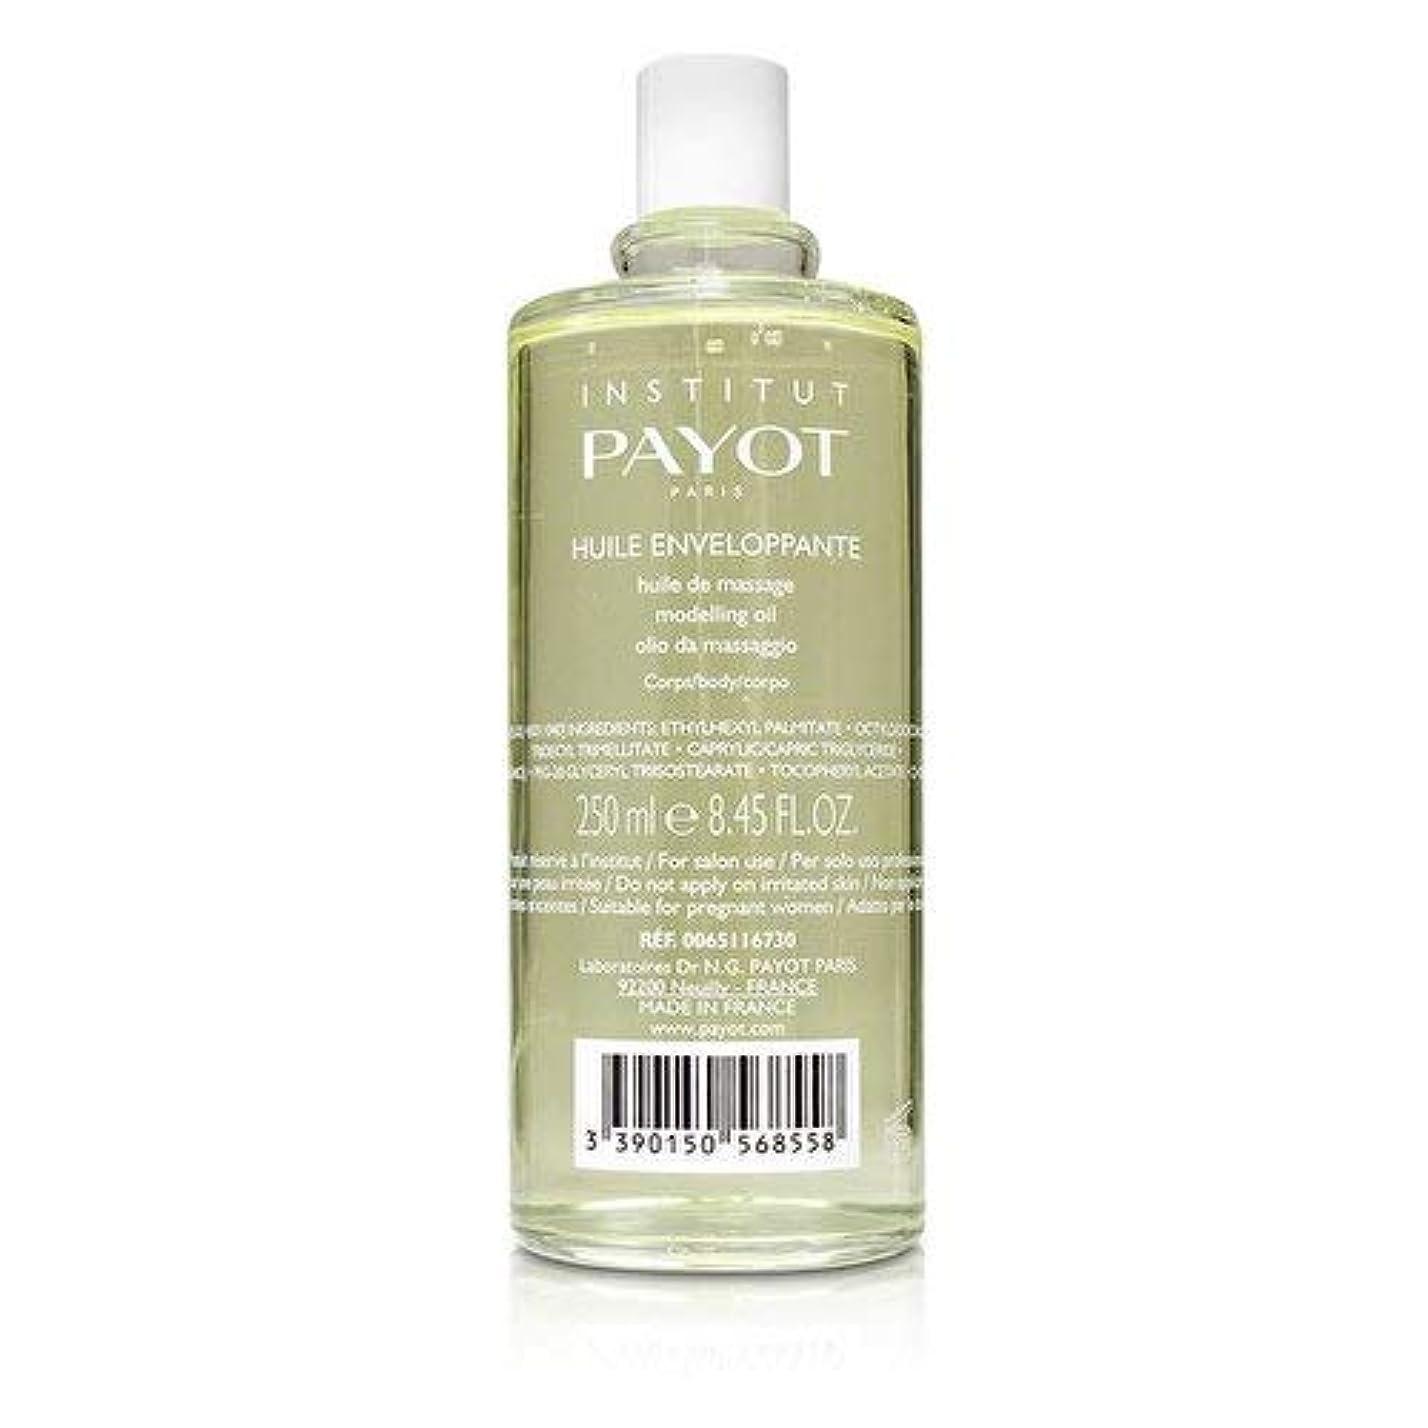 溢れんばかりの人生を作るビリーヤギパイヨ Huile Enveloppante - Body Massage Oil (Orange Blossom & Rose) (Salon Product) 250ml/8.4oz並行輸入品